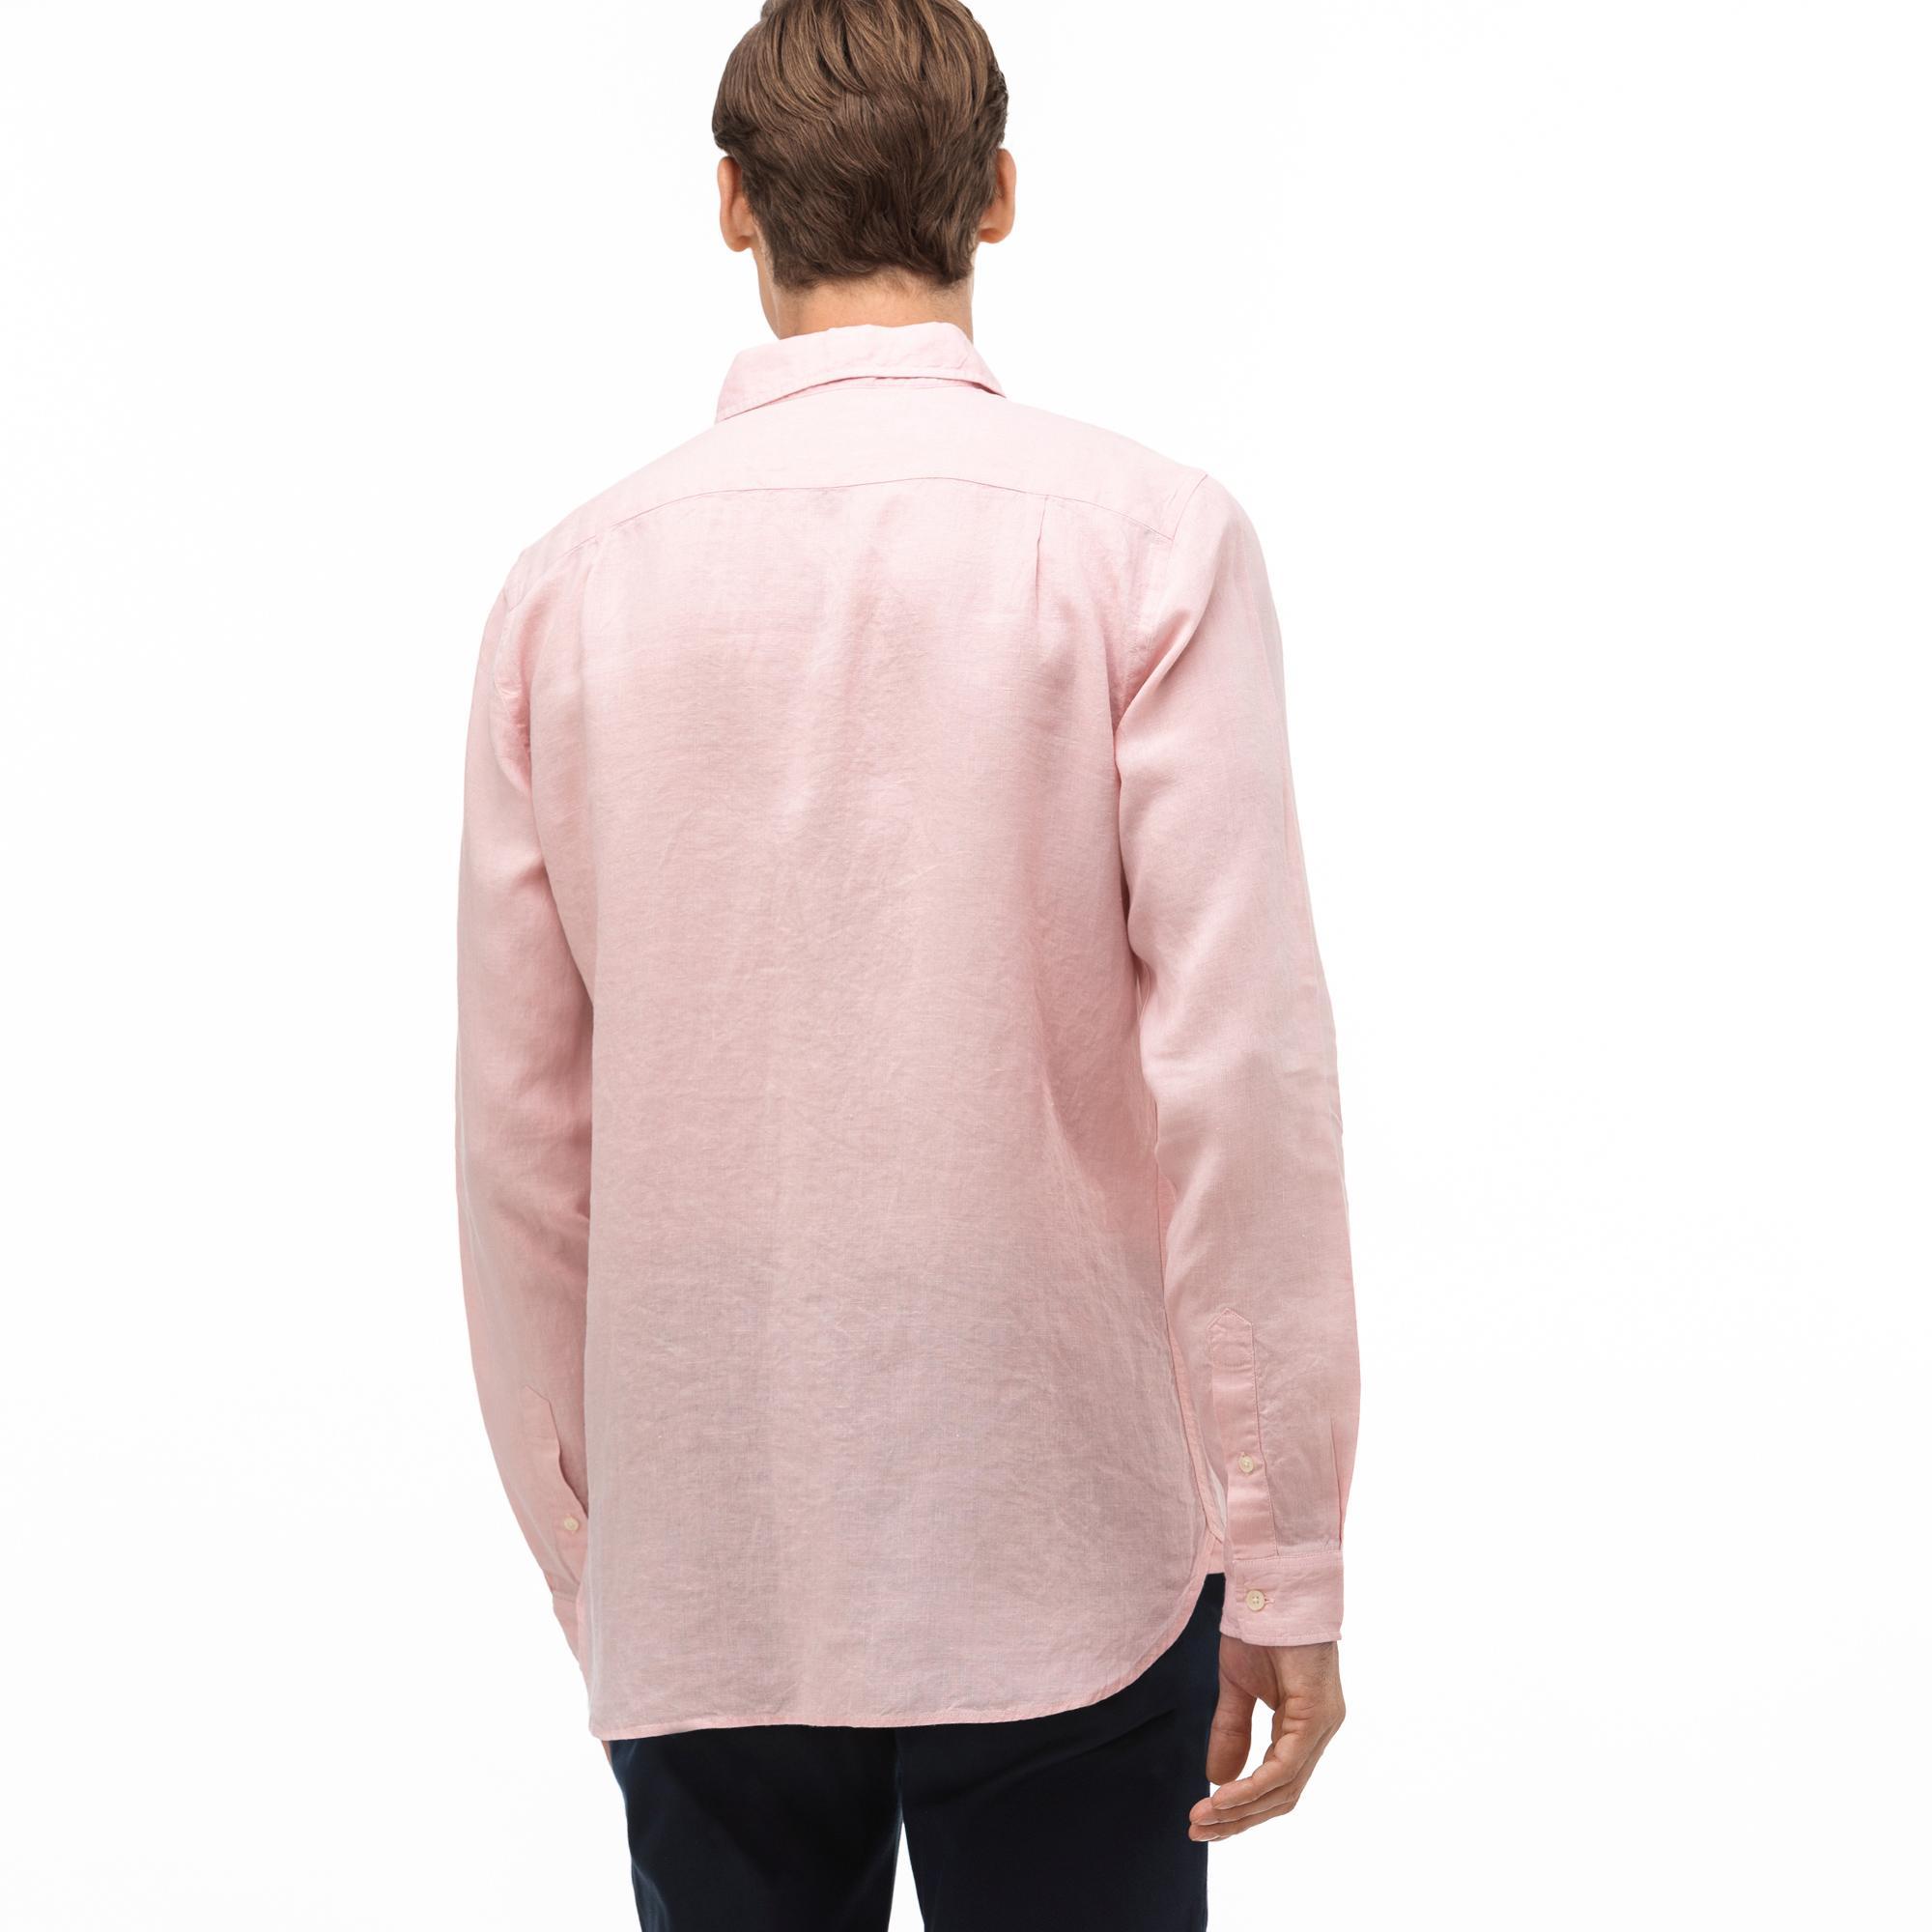 Lacoste Erkek Slim Fit Düğmeli Yaka Açık Pembe Keten Gömlek